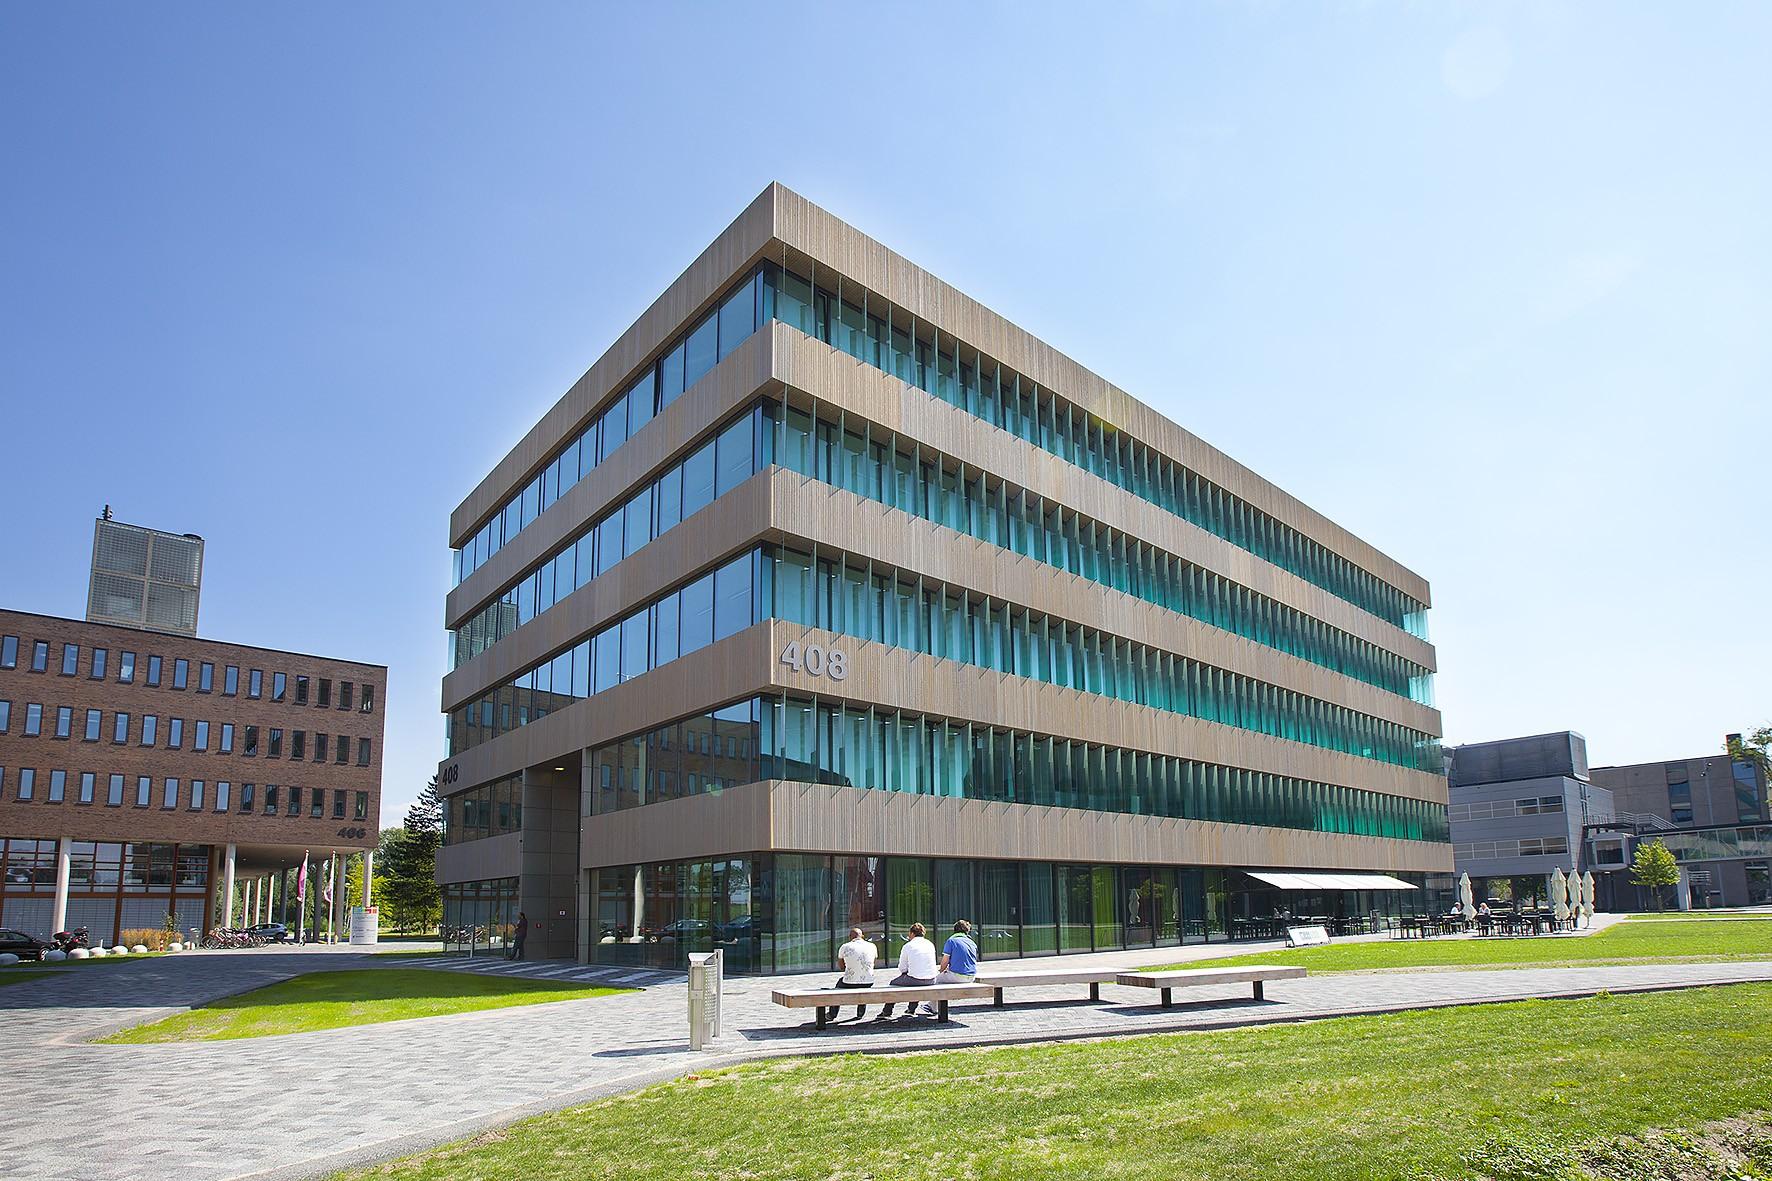 Incubatorgebouw Matrix VI (Incubator Building)